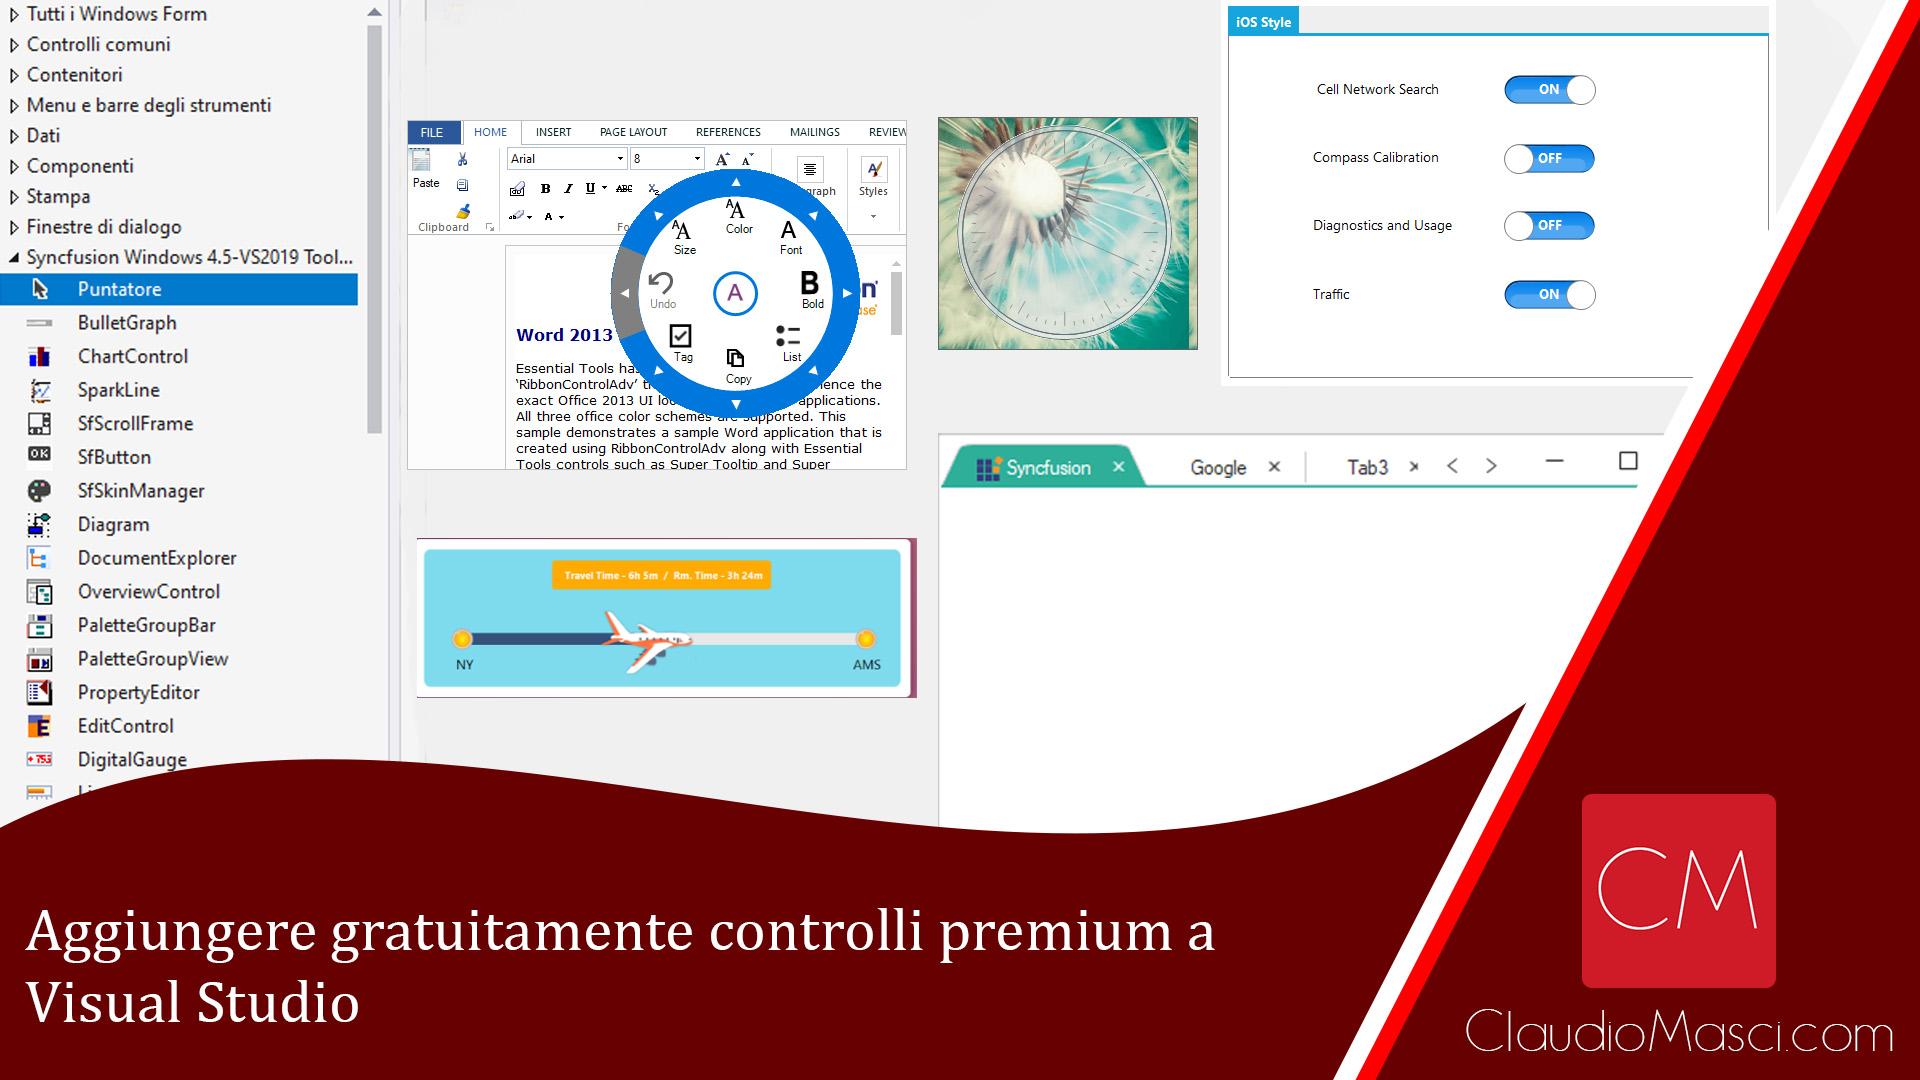 Aggiungere gratuitamente controlli premium a Visual Studio